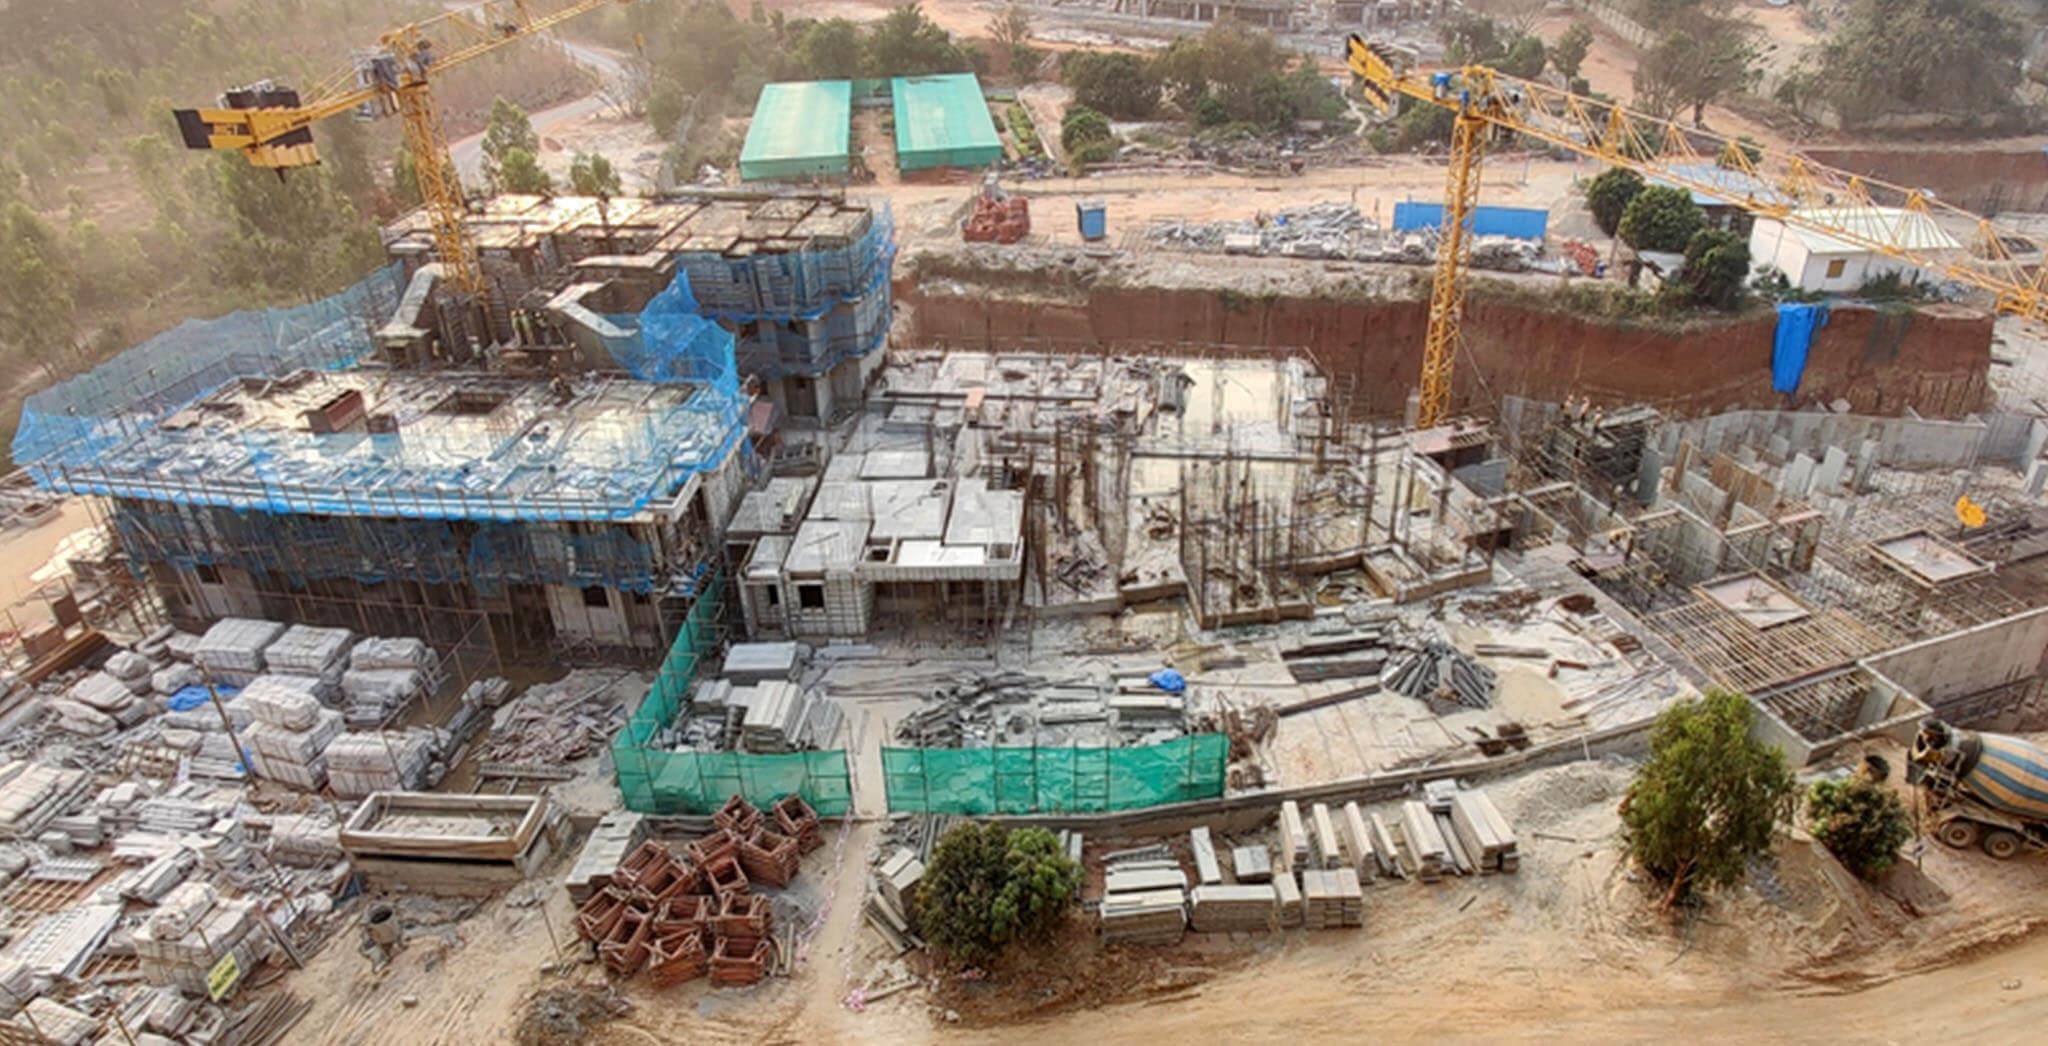 Feb 2021 - Halcyon: Tower I—Third floor slab work-in-progress; Tower J—Part first floor slab work and part ground floor in progress